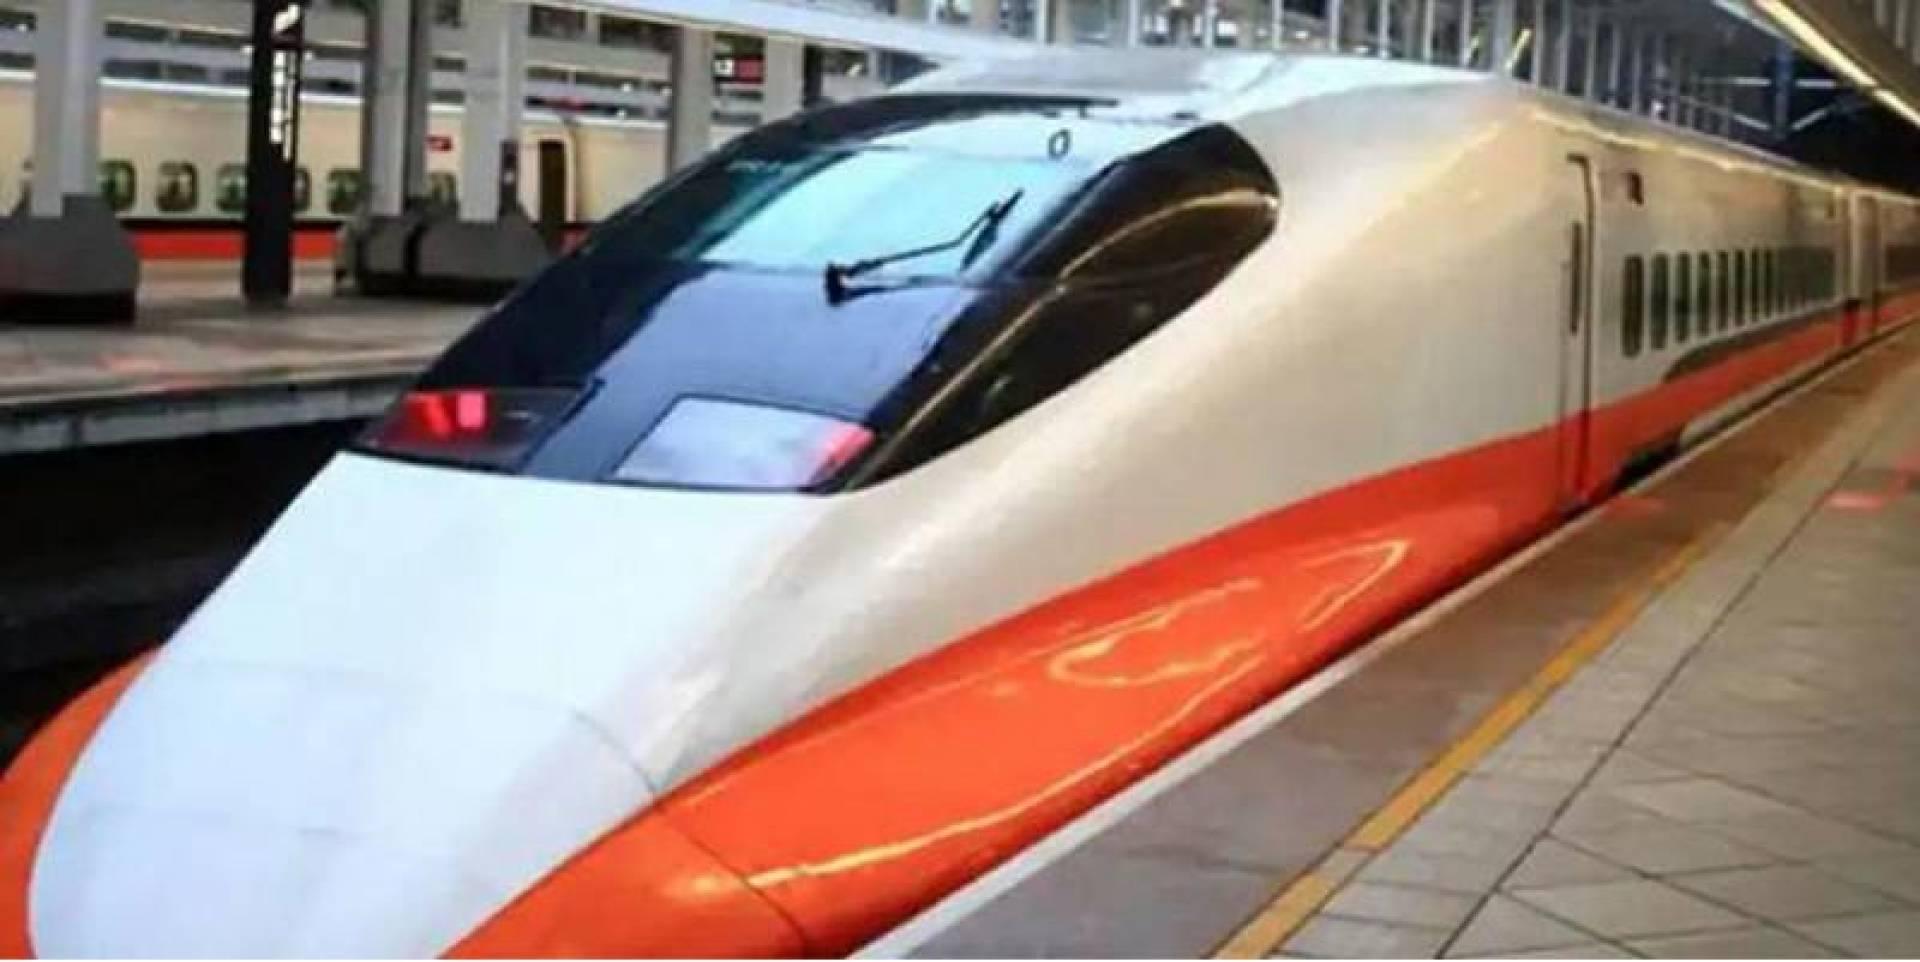 ماليزيا وسنغافورة تؤجِّلان مشروع القطار الفائق السرعة